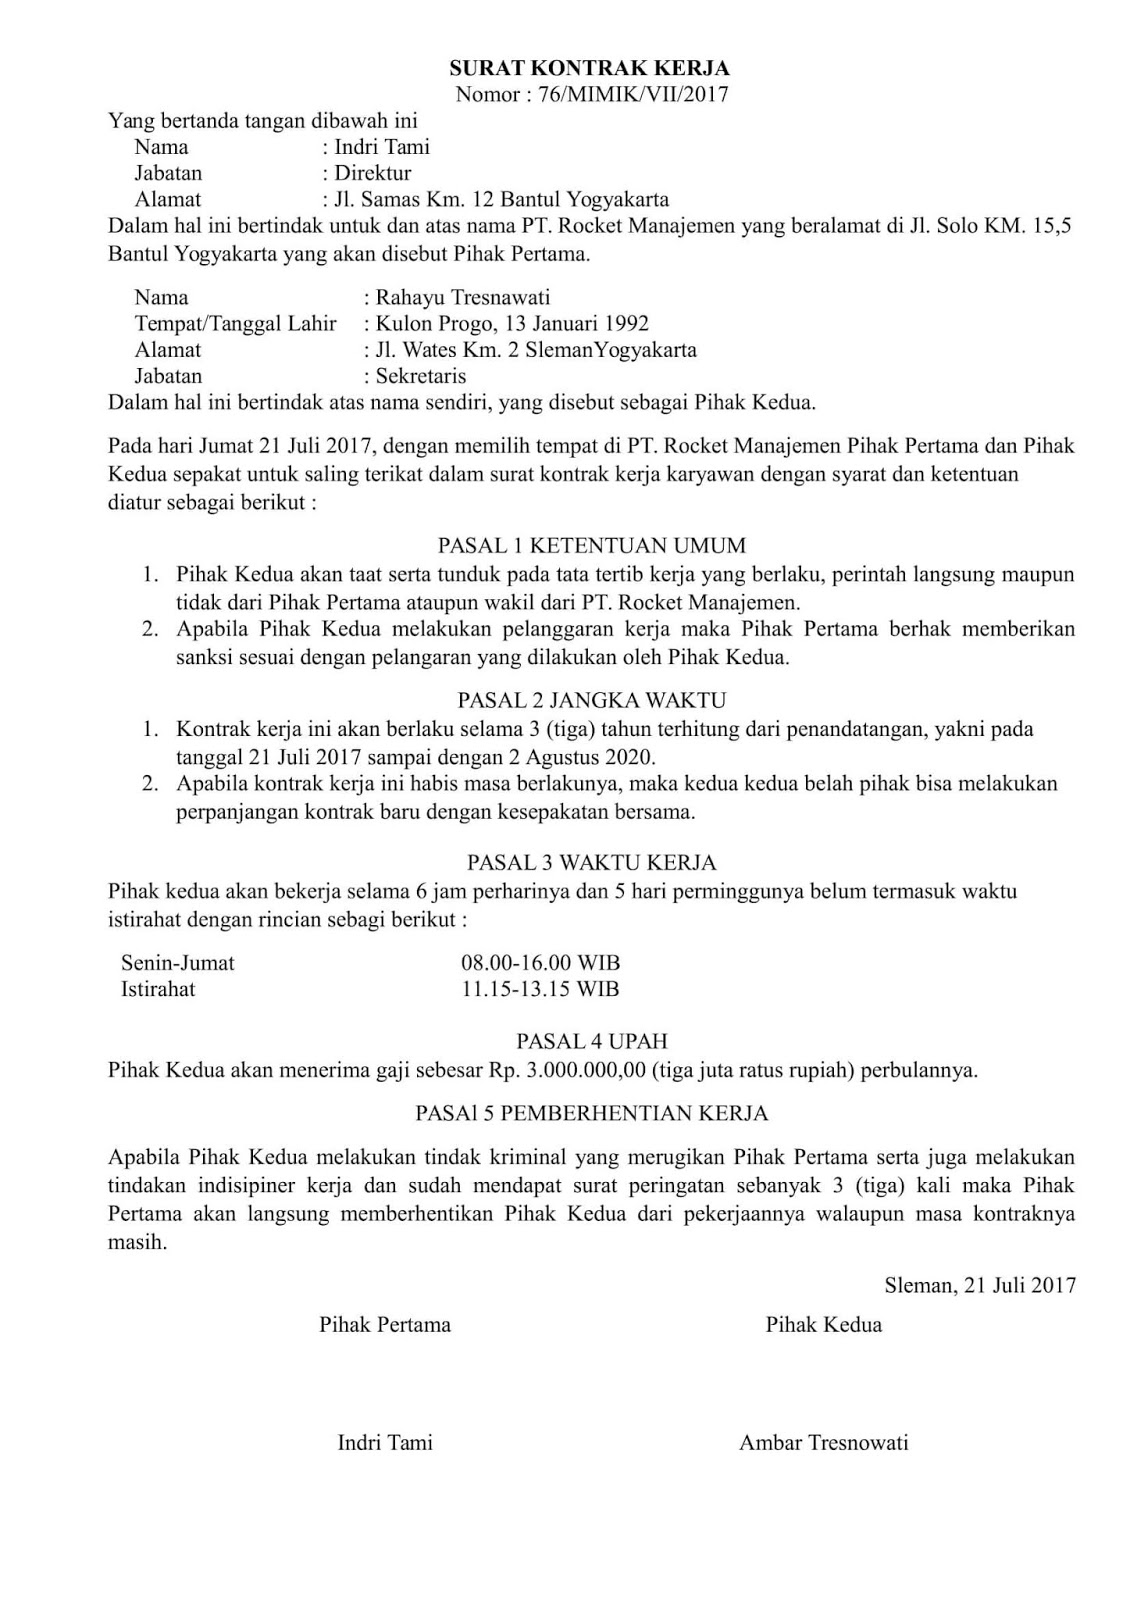 Contoh Surat Addendum Perpanjangan Waktu Kontrak Kerja